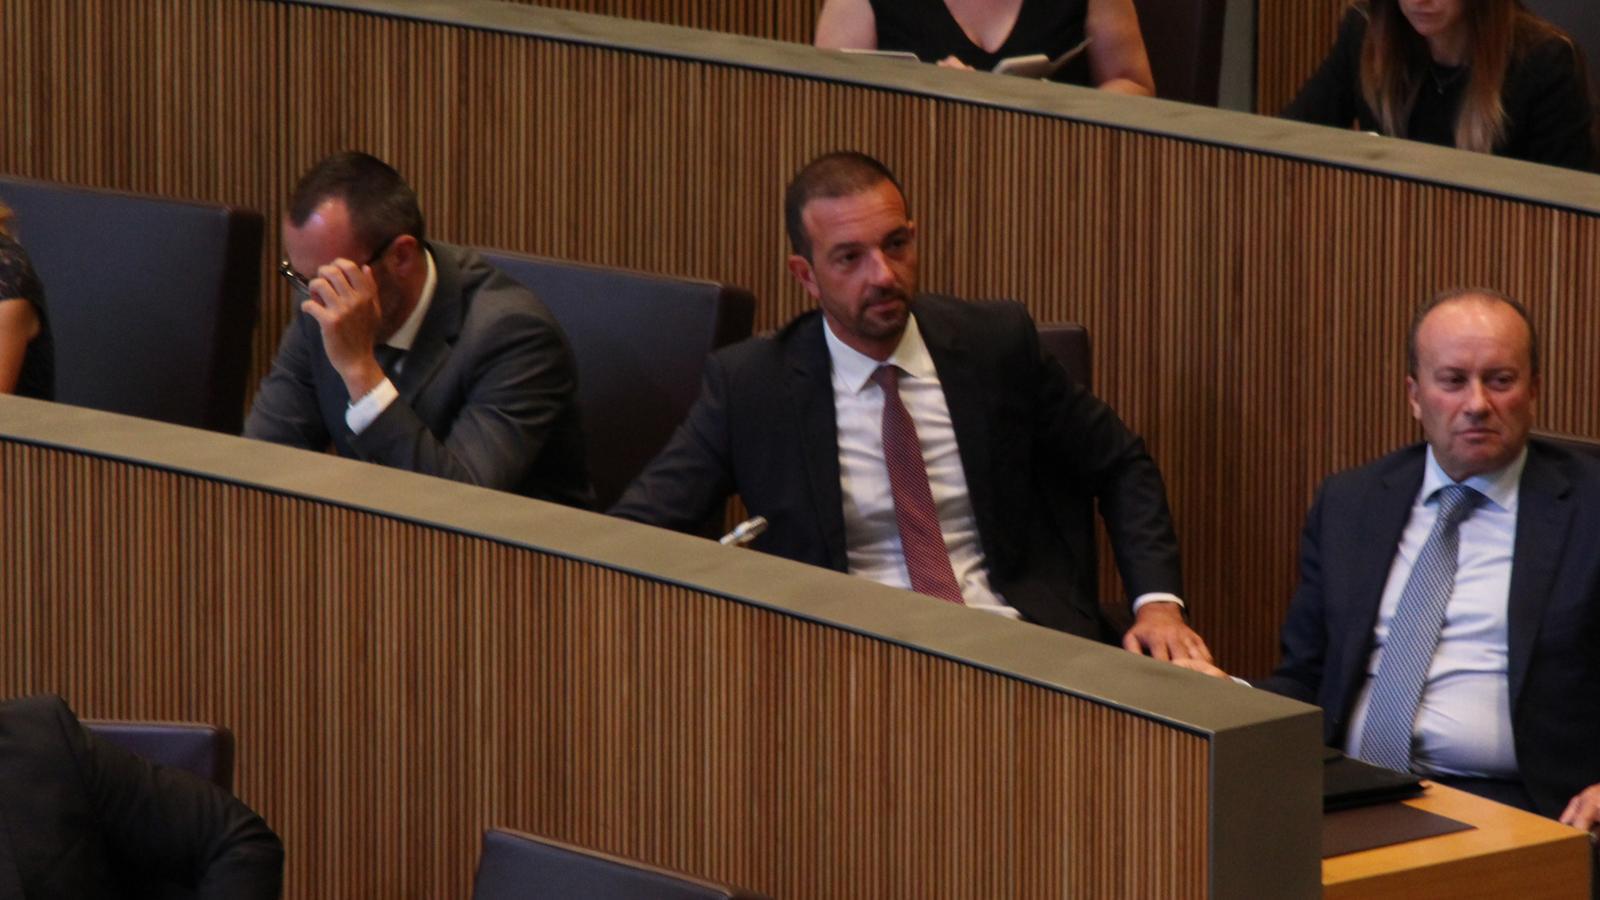 Jordi Torres, ministre d'Ordenament Territorial, durant la sessió del Consell General. / M. R. F.